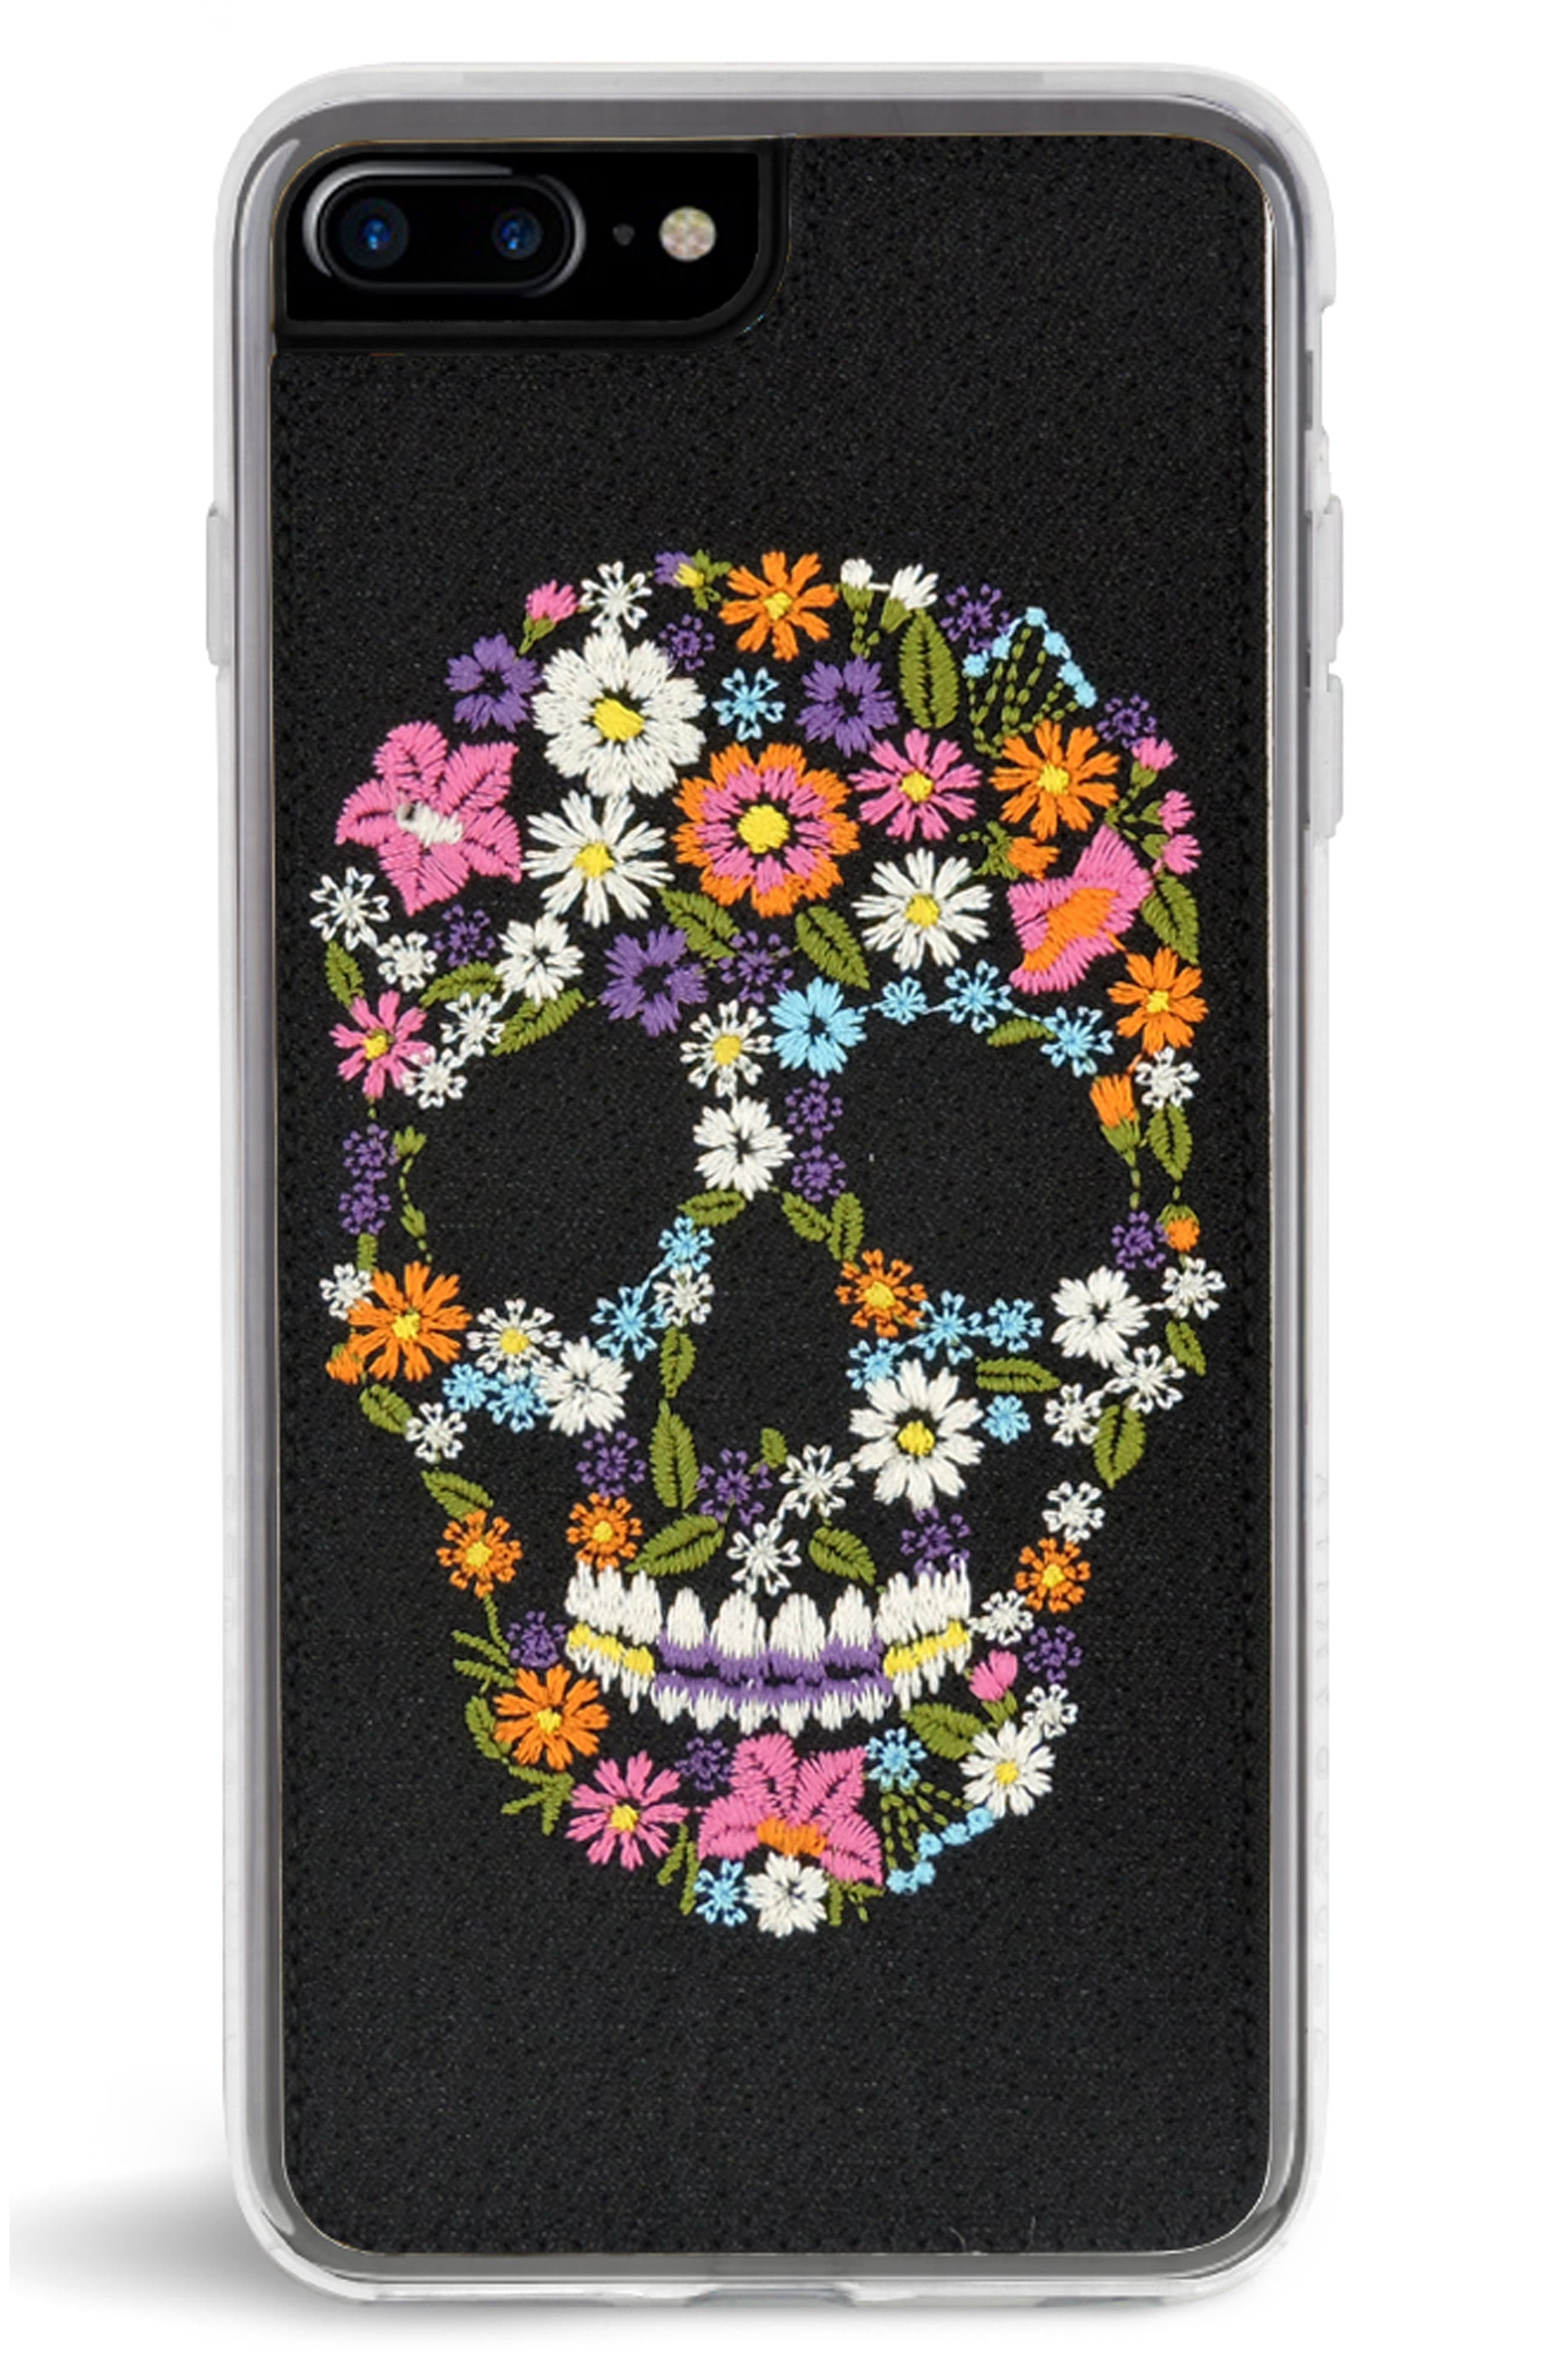 Calavera iPhone 7/8 & 7/8 Plus Case,                         Main,                         color, Black Multi